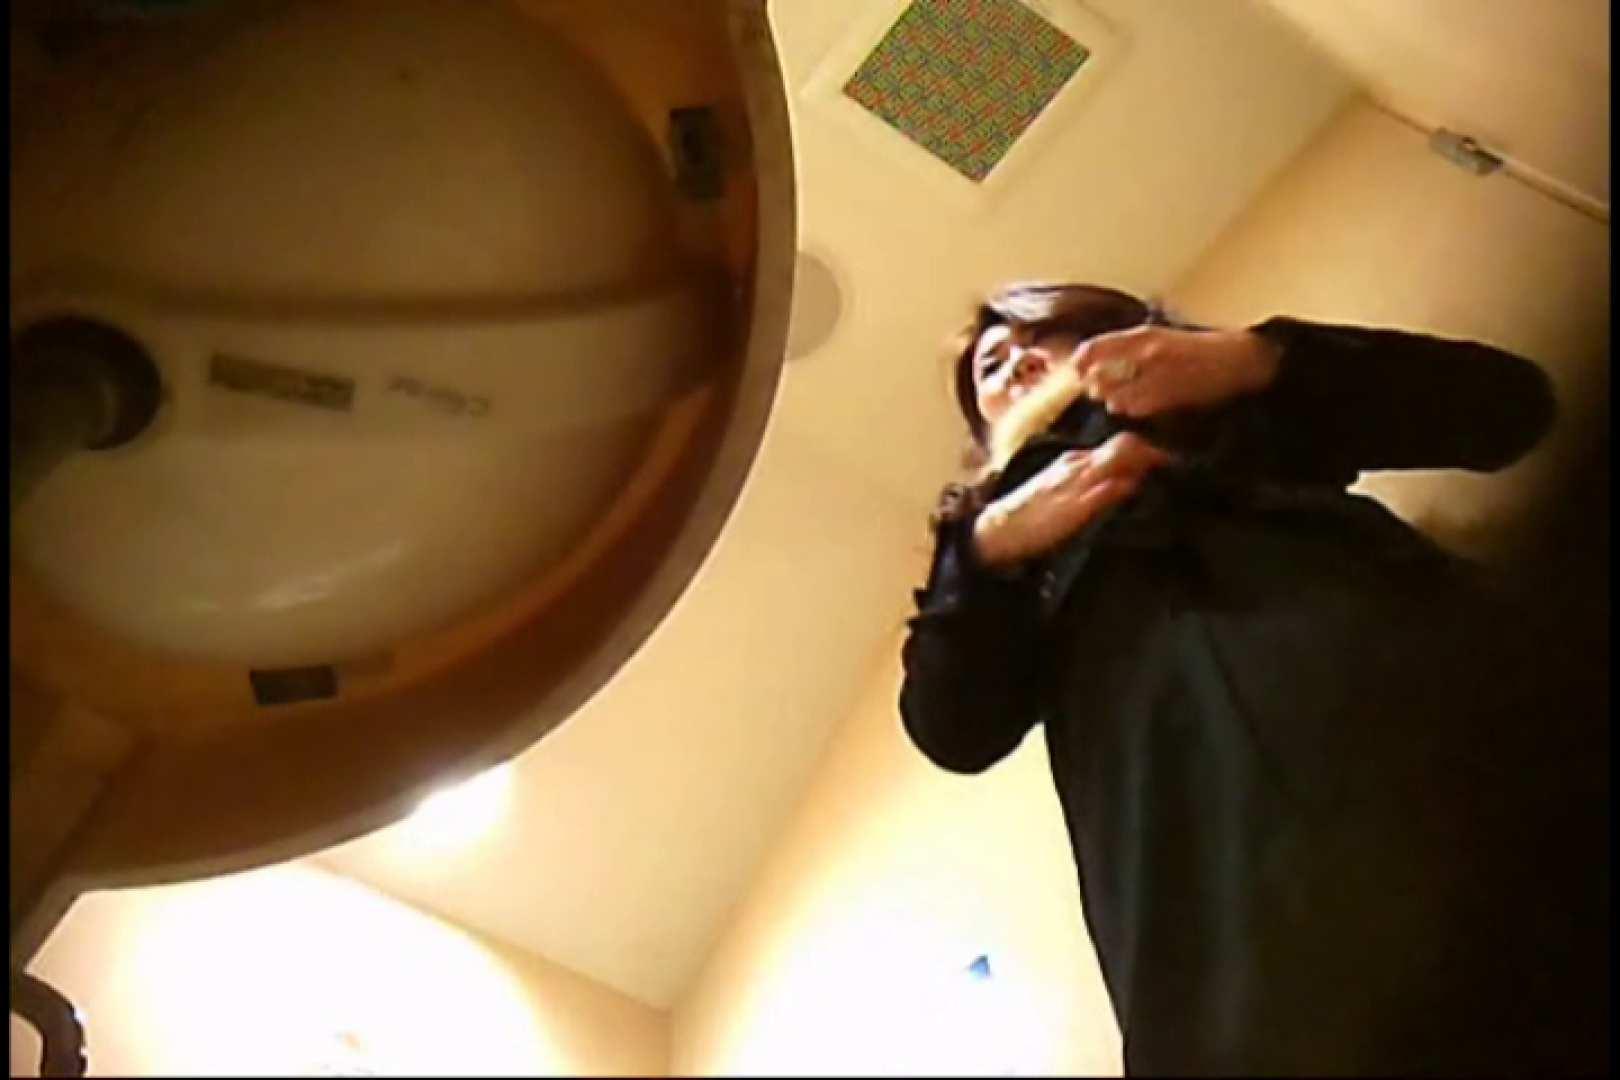 潜入!!女子化粧室盗撮~絶対見られたくない時間~vo,8 盗撮師作品 ヌード画像 106pic 42